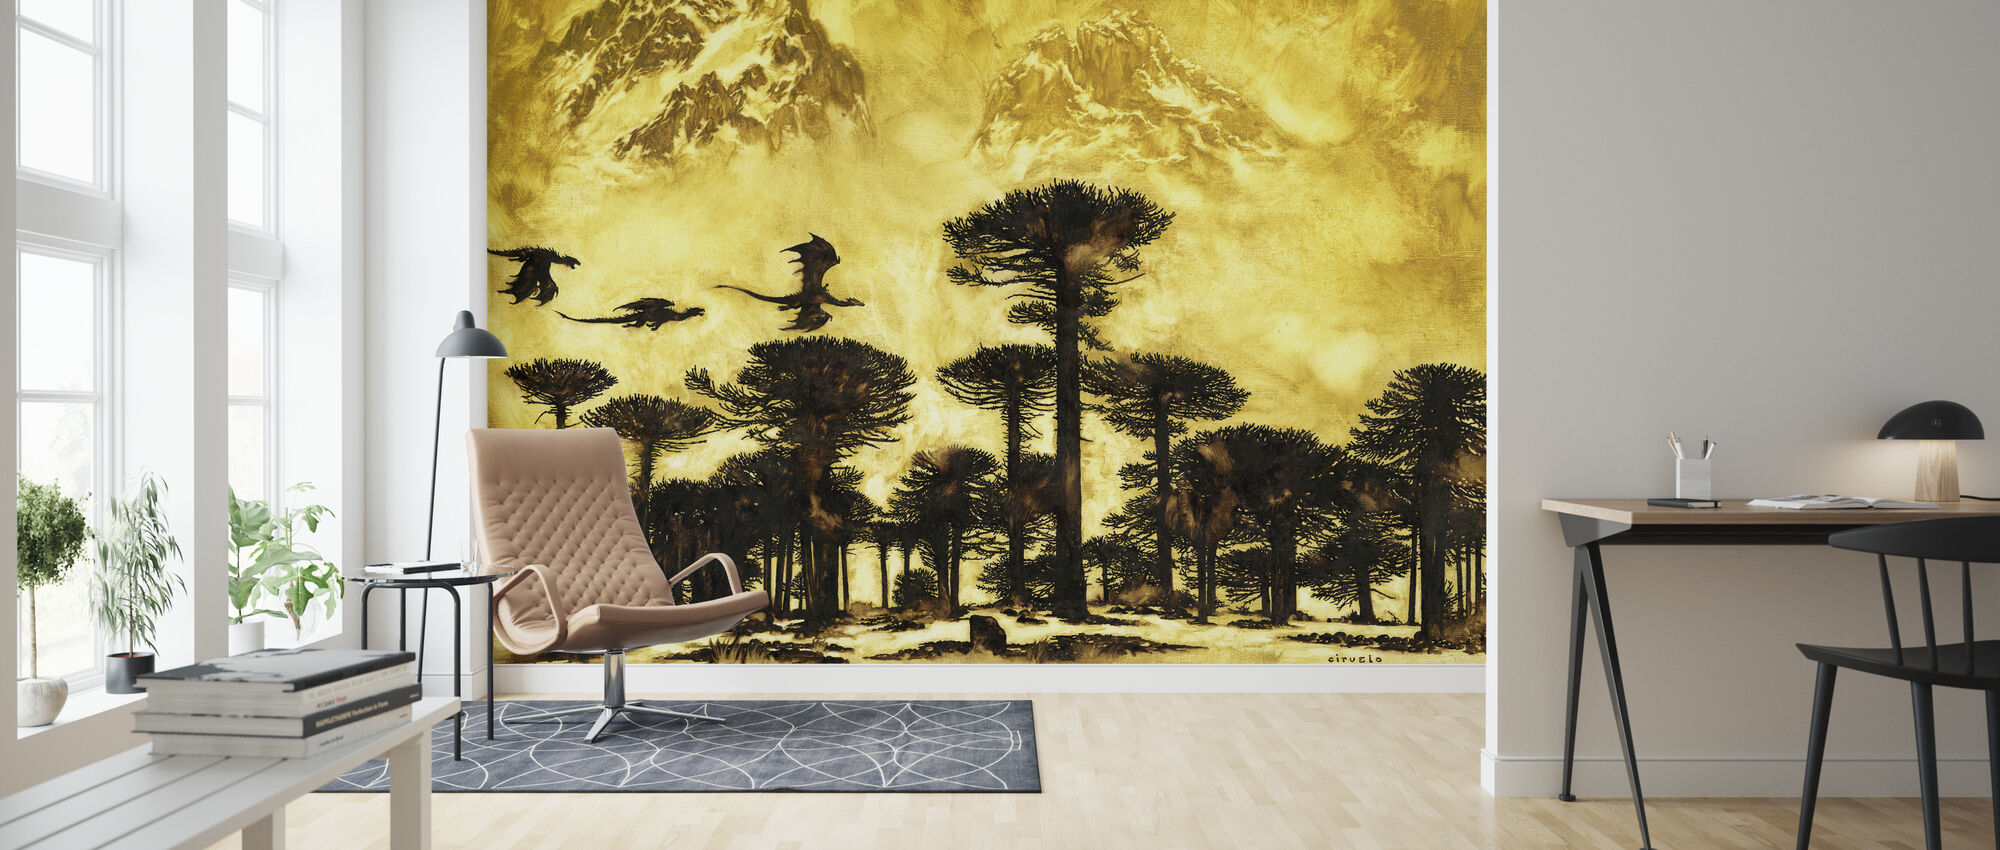 Persec - Tapet - Vardagsrum